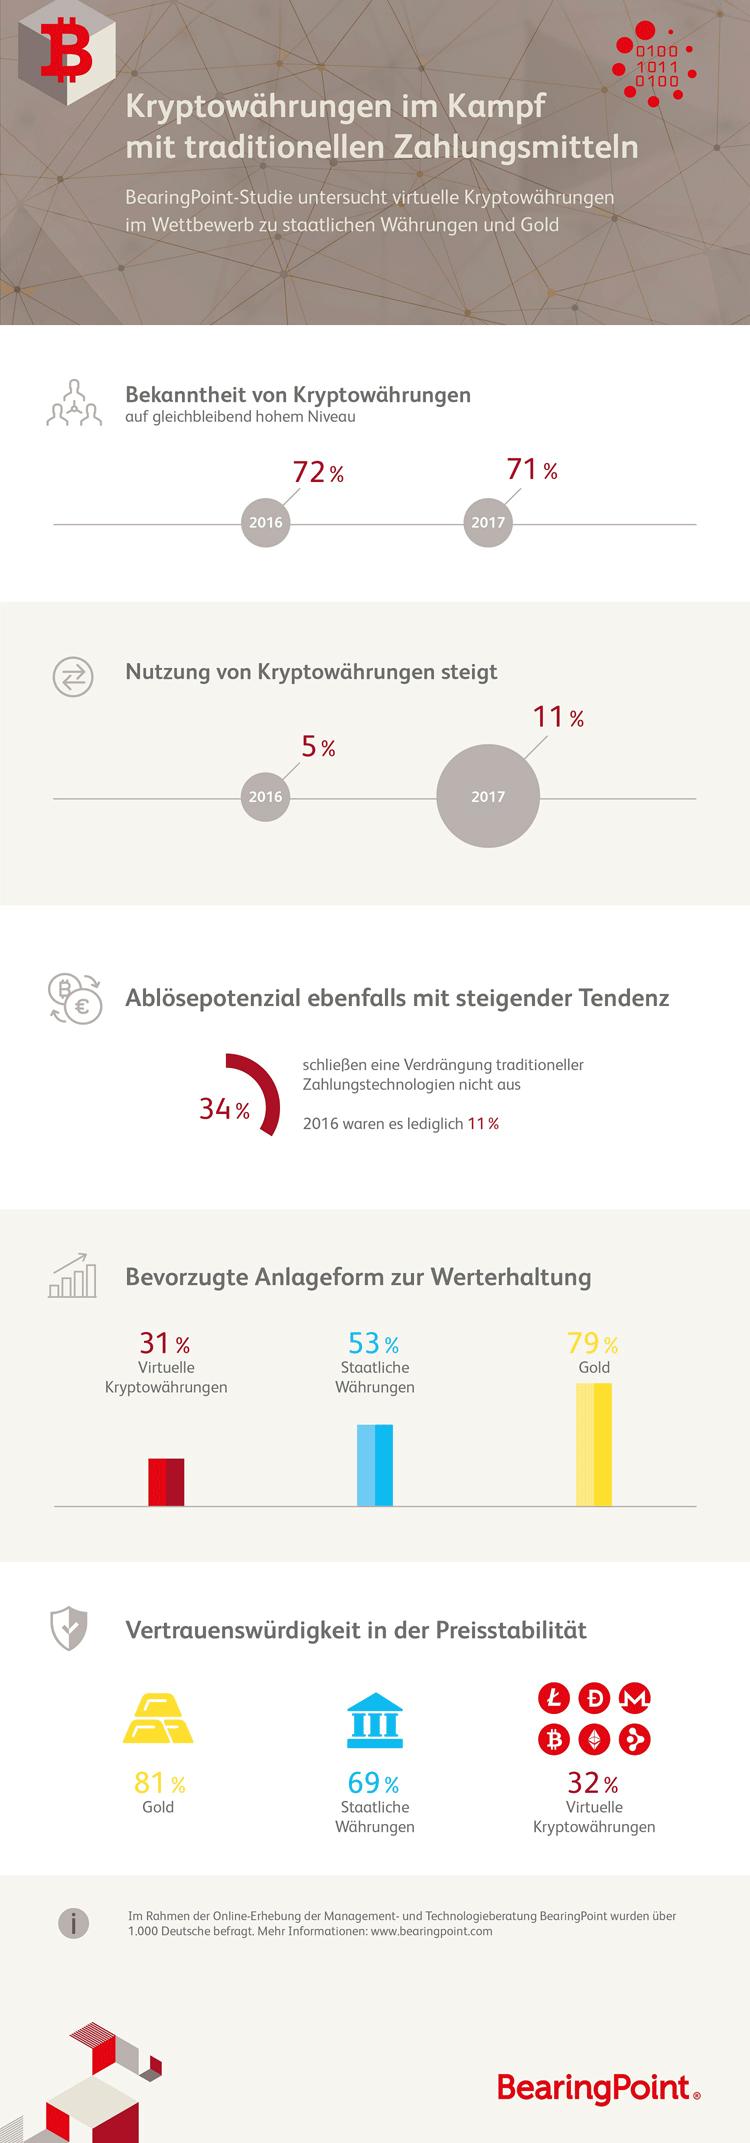 Infografik: Kryptowährungen: Bekanntheit und Nutzung